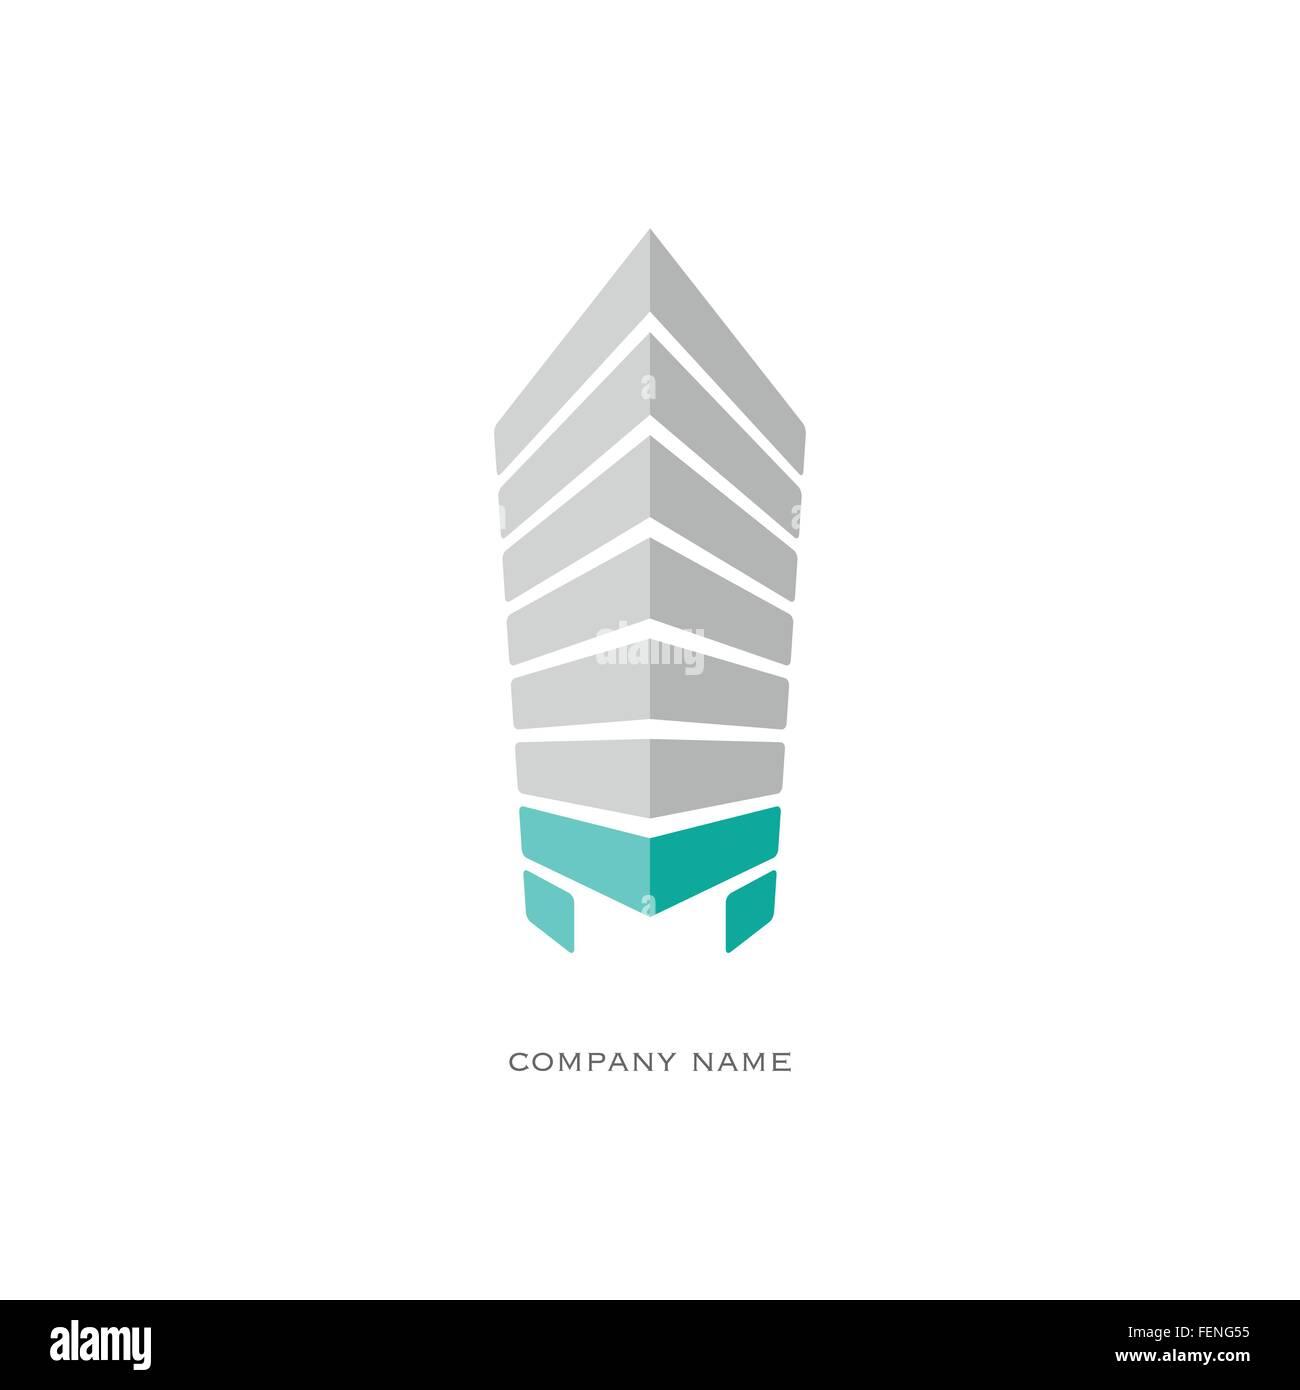 Beste Konstruktion Logo Vorlagen Fotos - Beispiel Anschreiben für ...